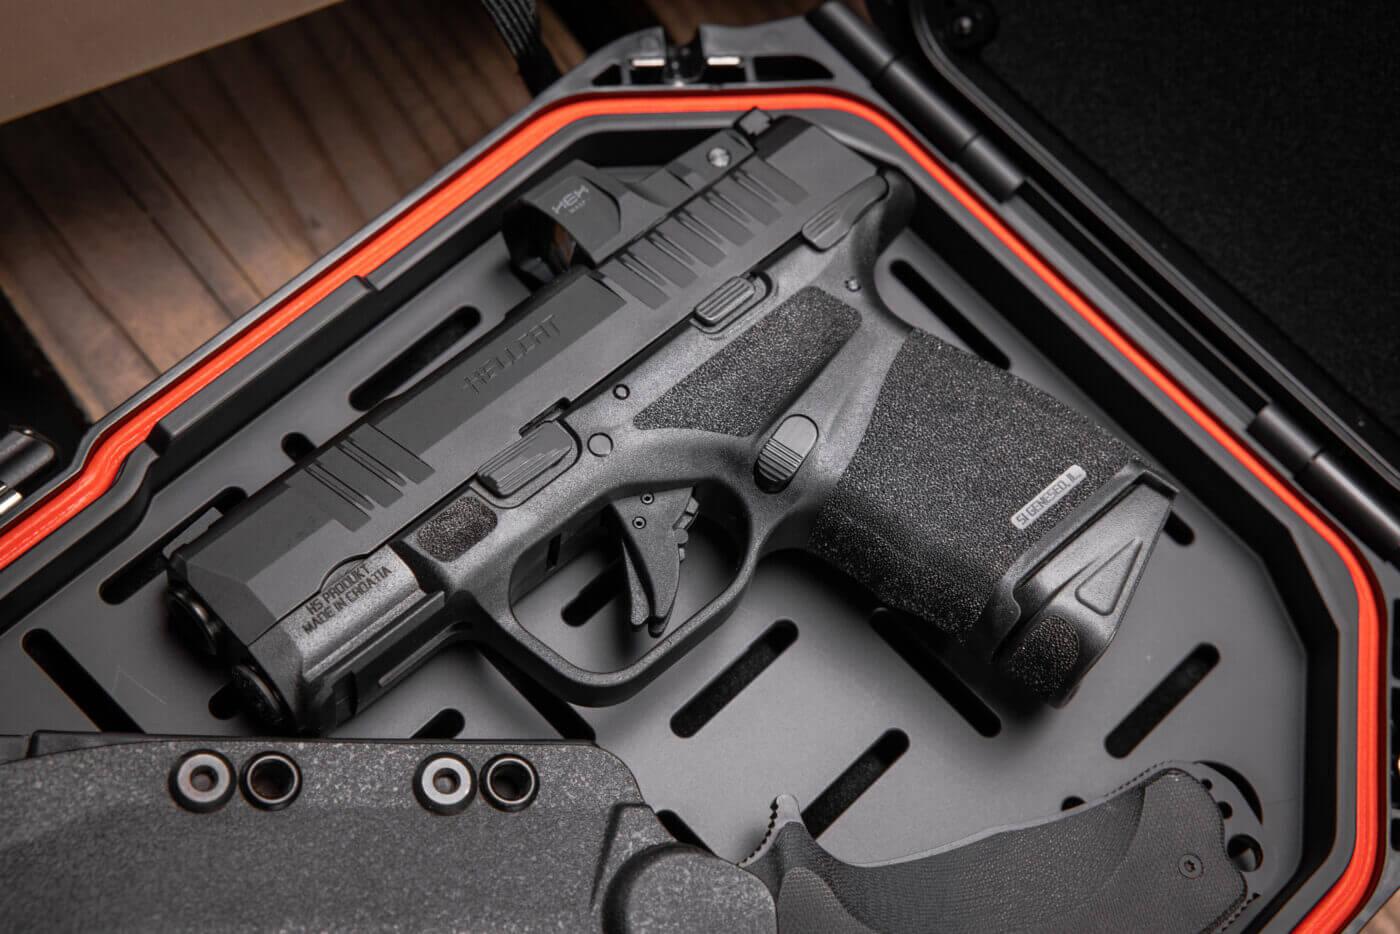 Springfield Hellcat pistol inside of a lockbox